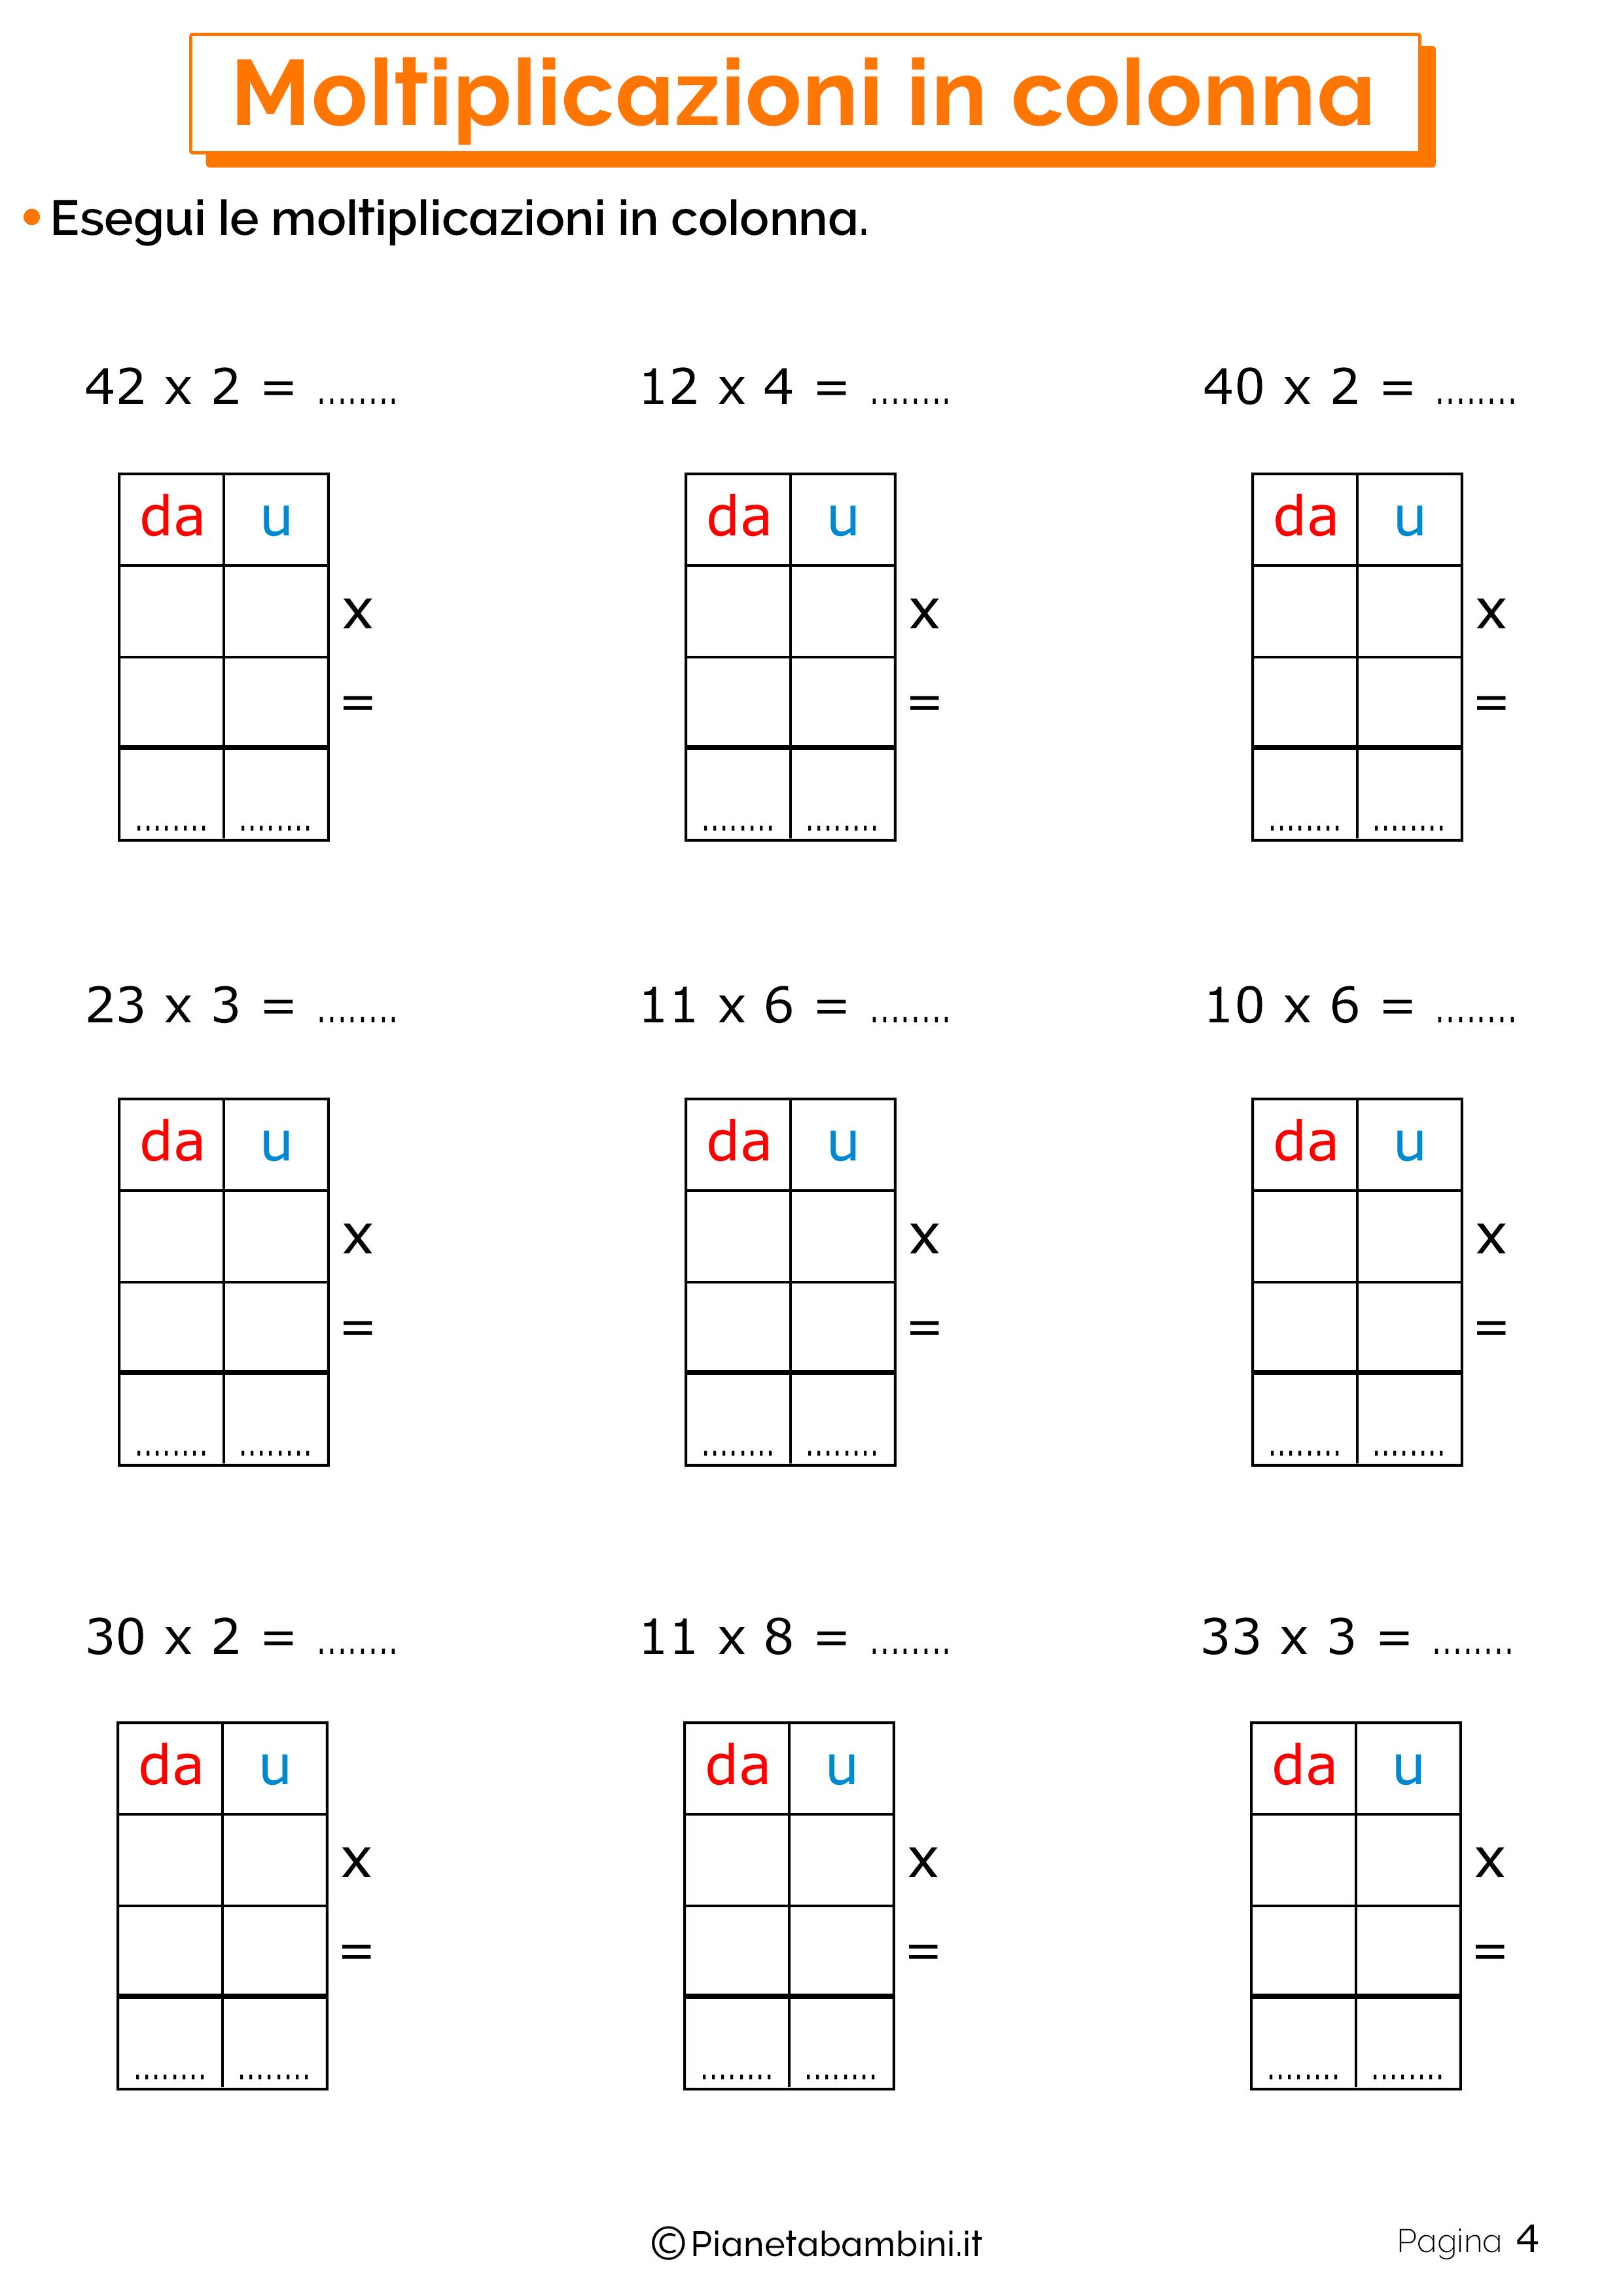 Schede didattiche sulle moltiplicazioni in colonna 4